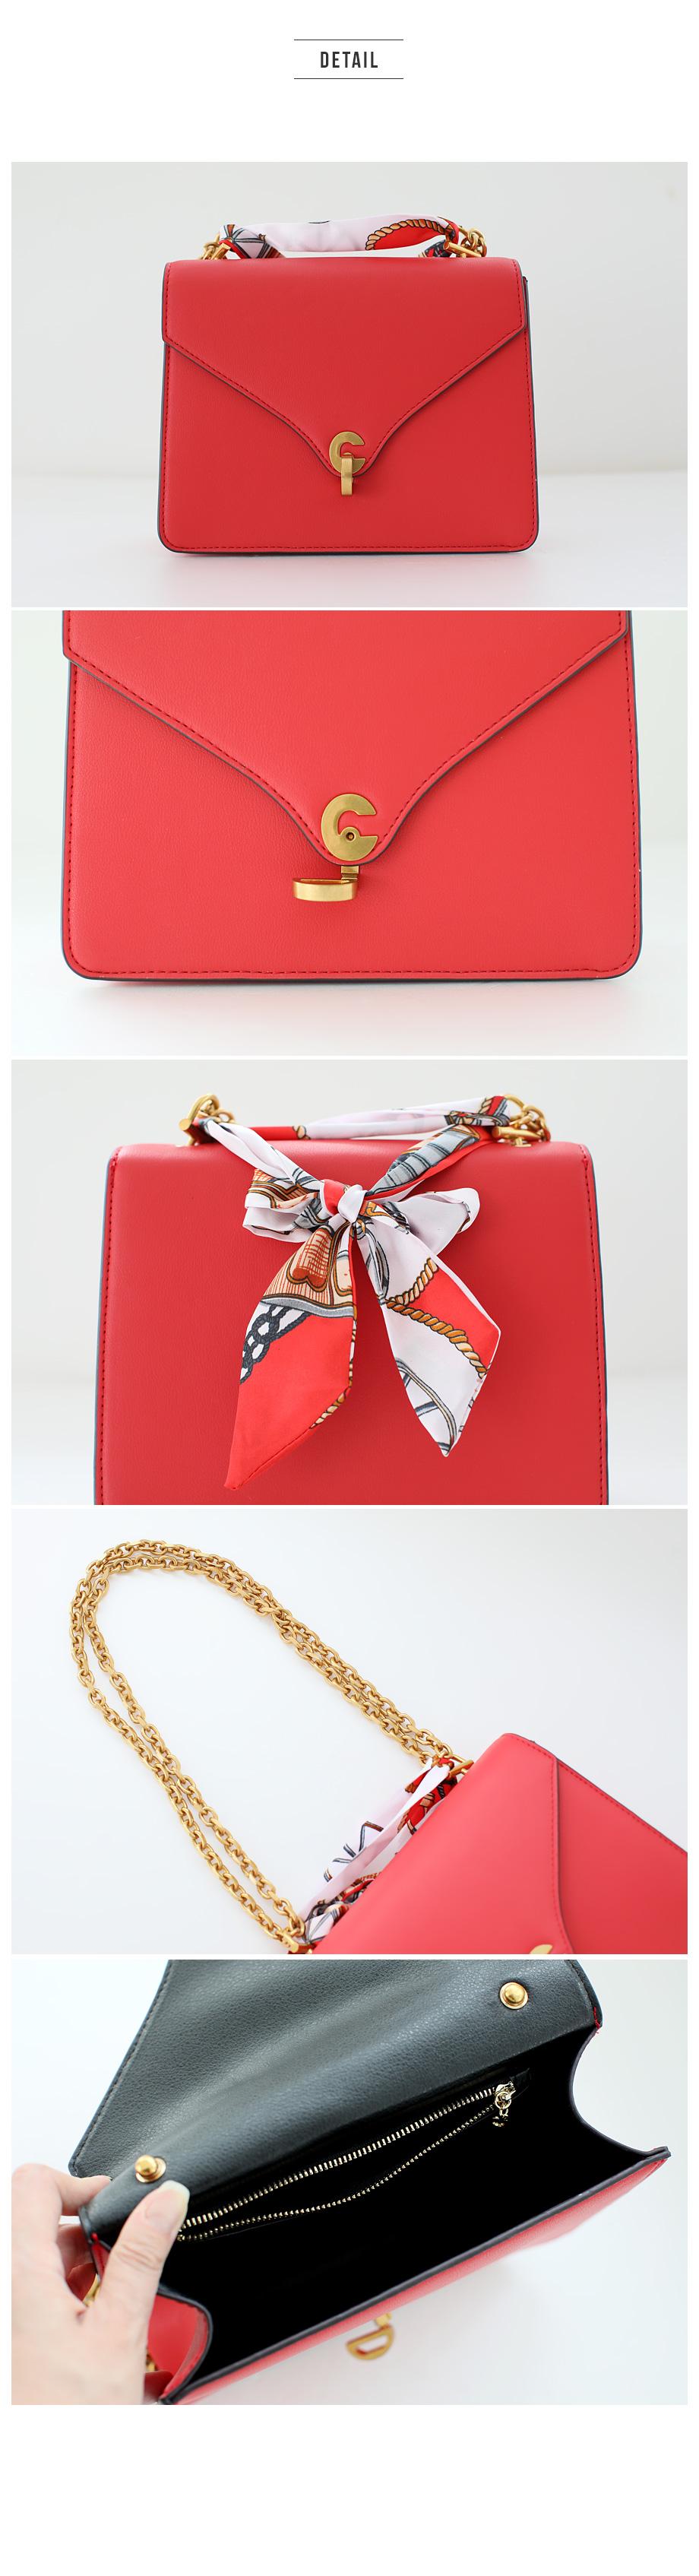 Heat chain chain bag